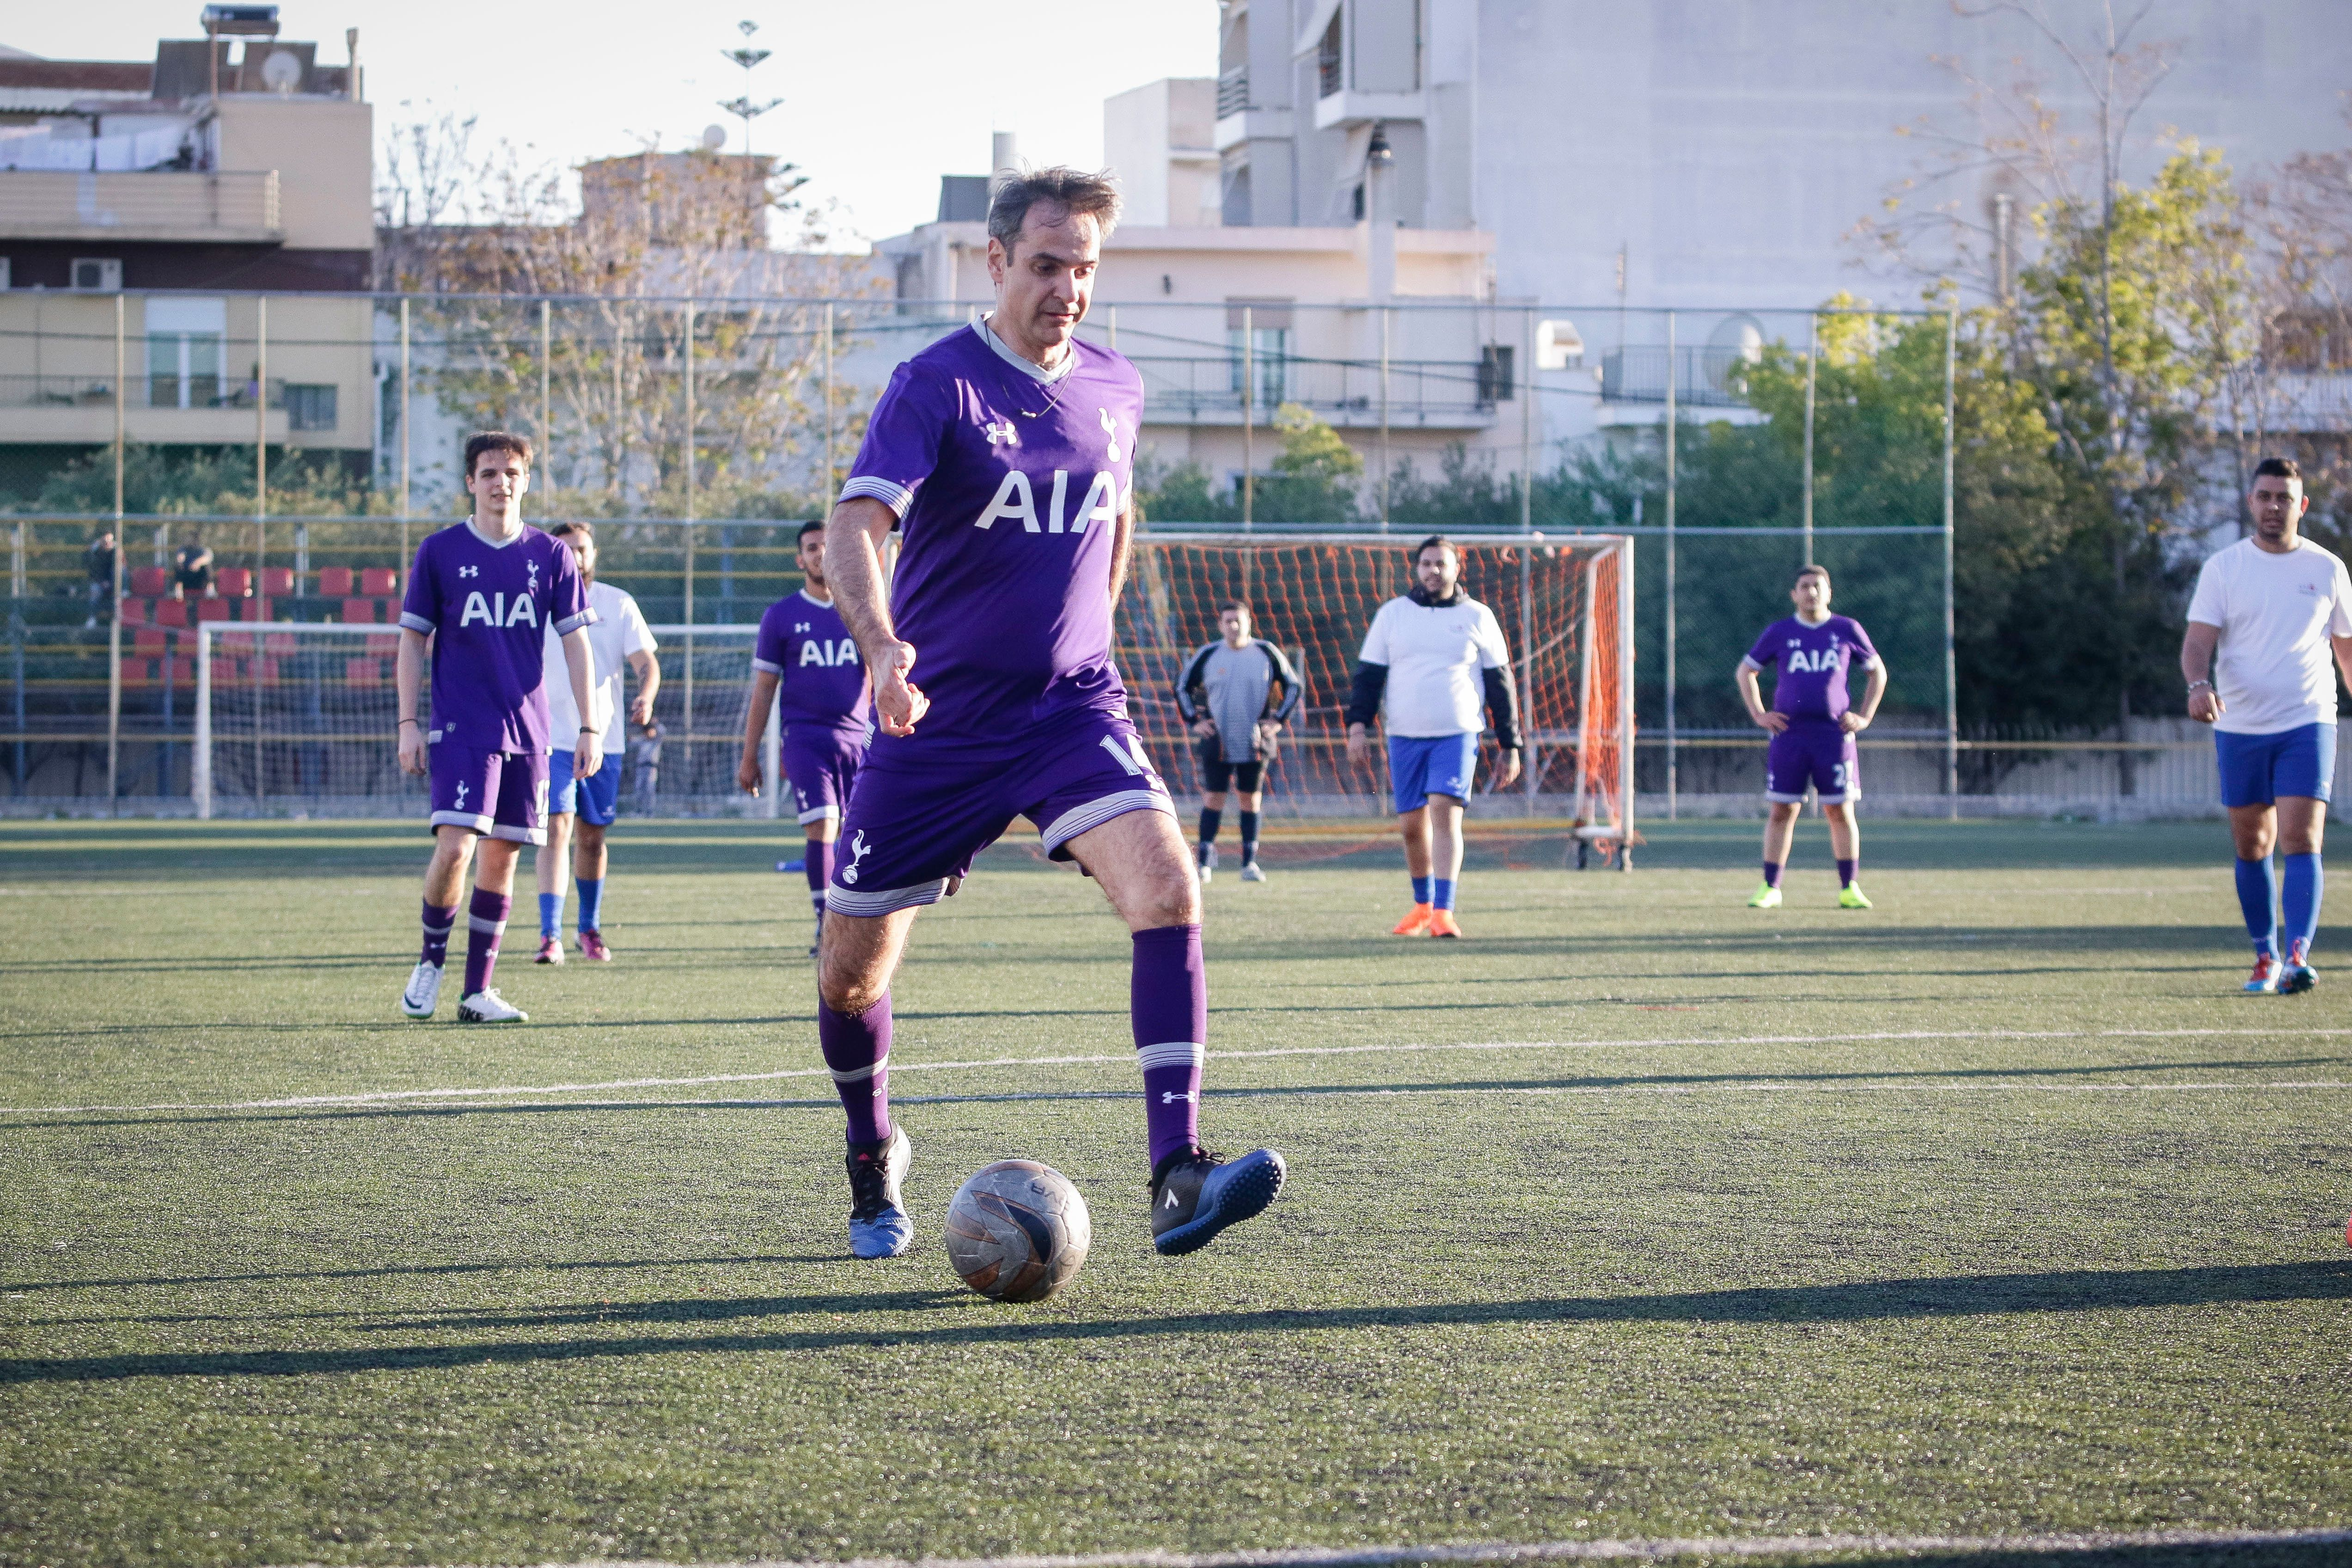 Σε φιλικό αγώνα ποδοσφαίρου με την ομάδα της Ελλάν Πασσέ συμμετείχε ο Κυριάκος